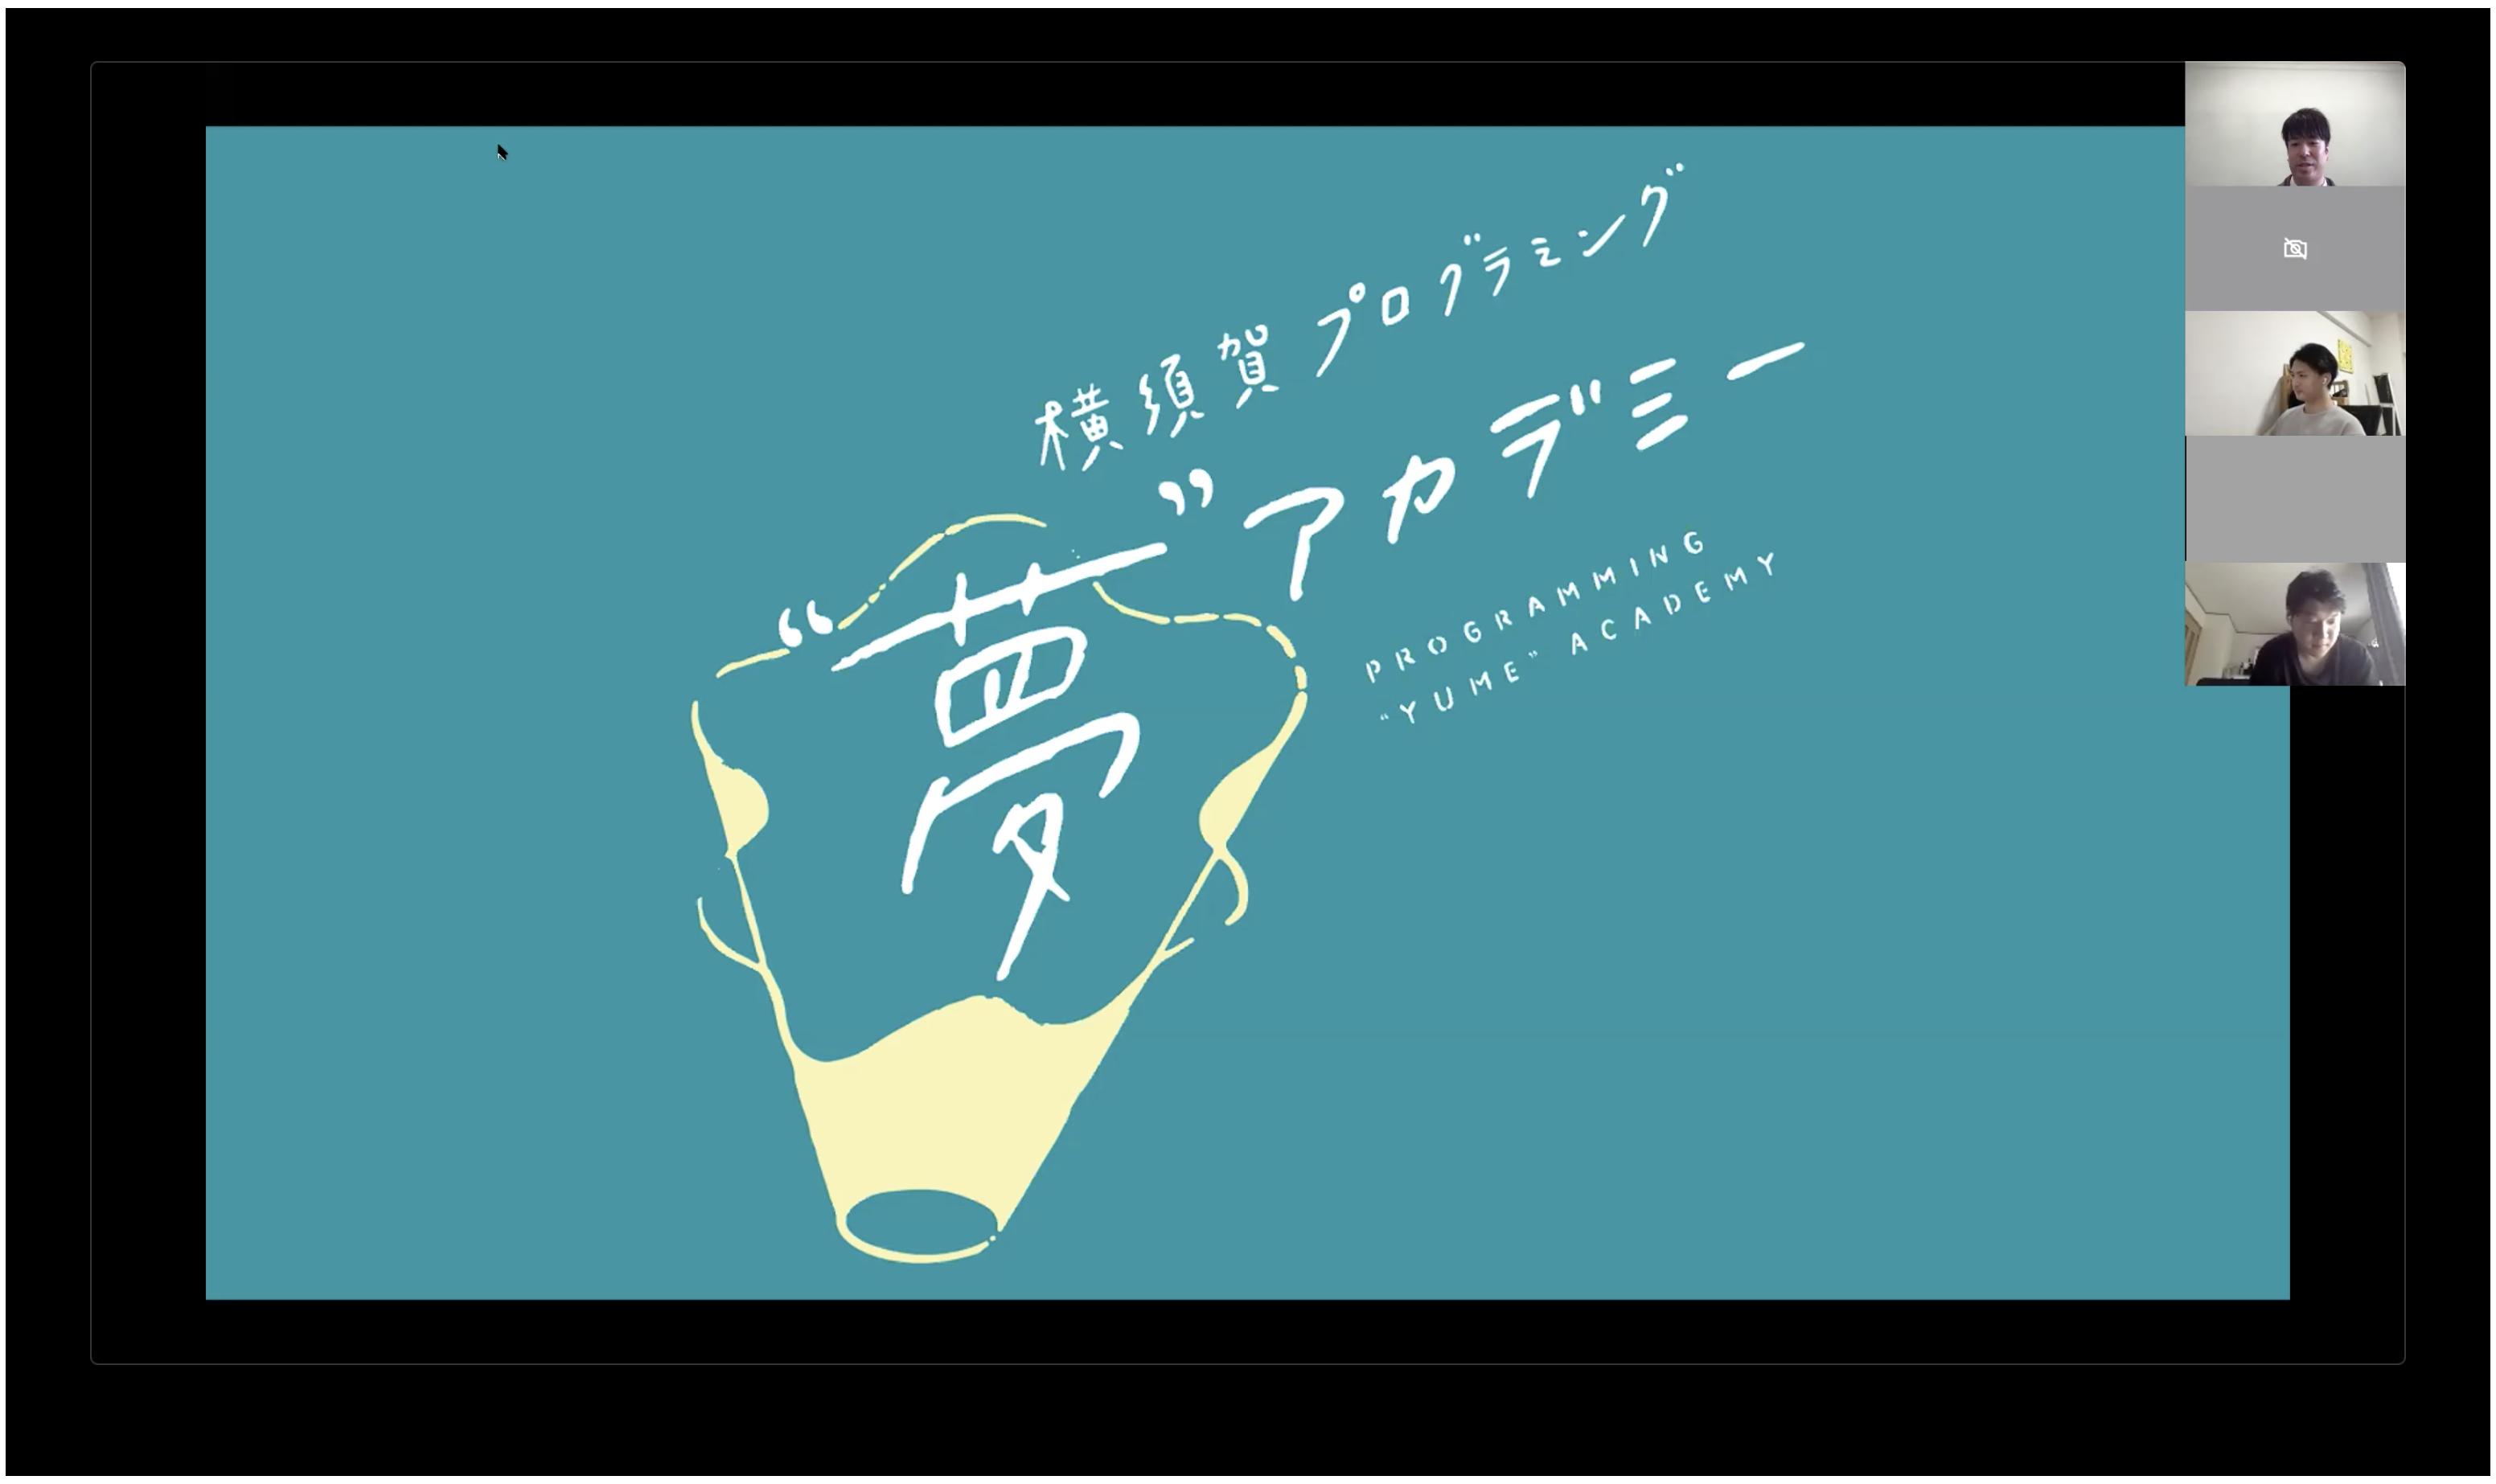 夢アカオンライン発表会